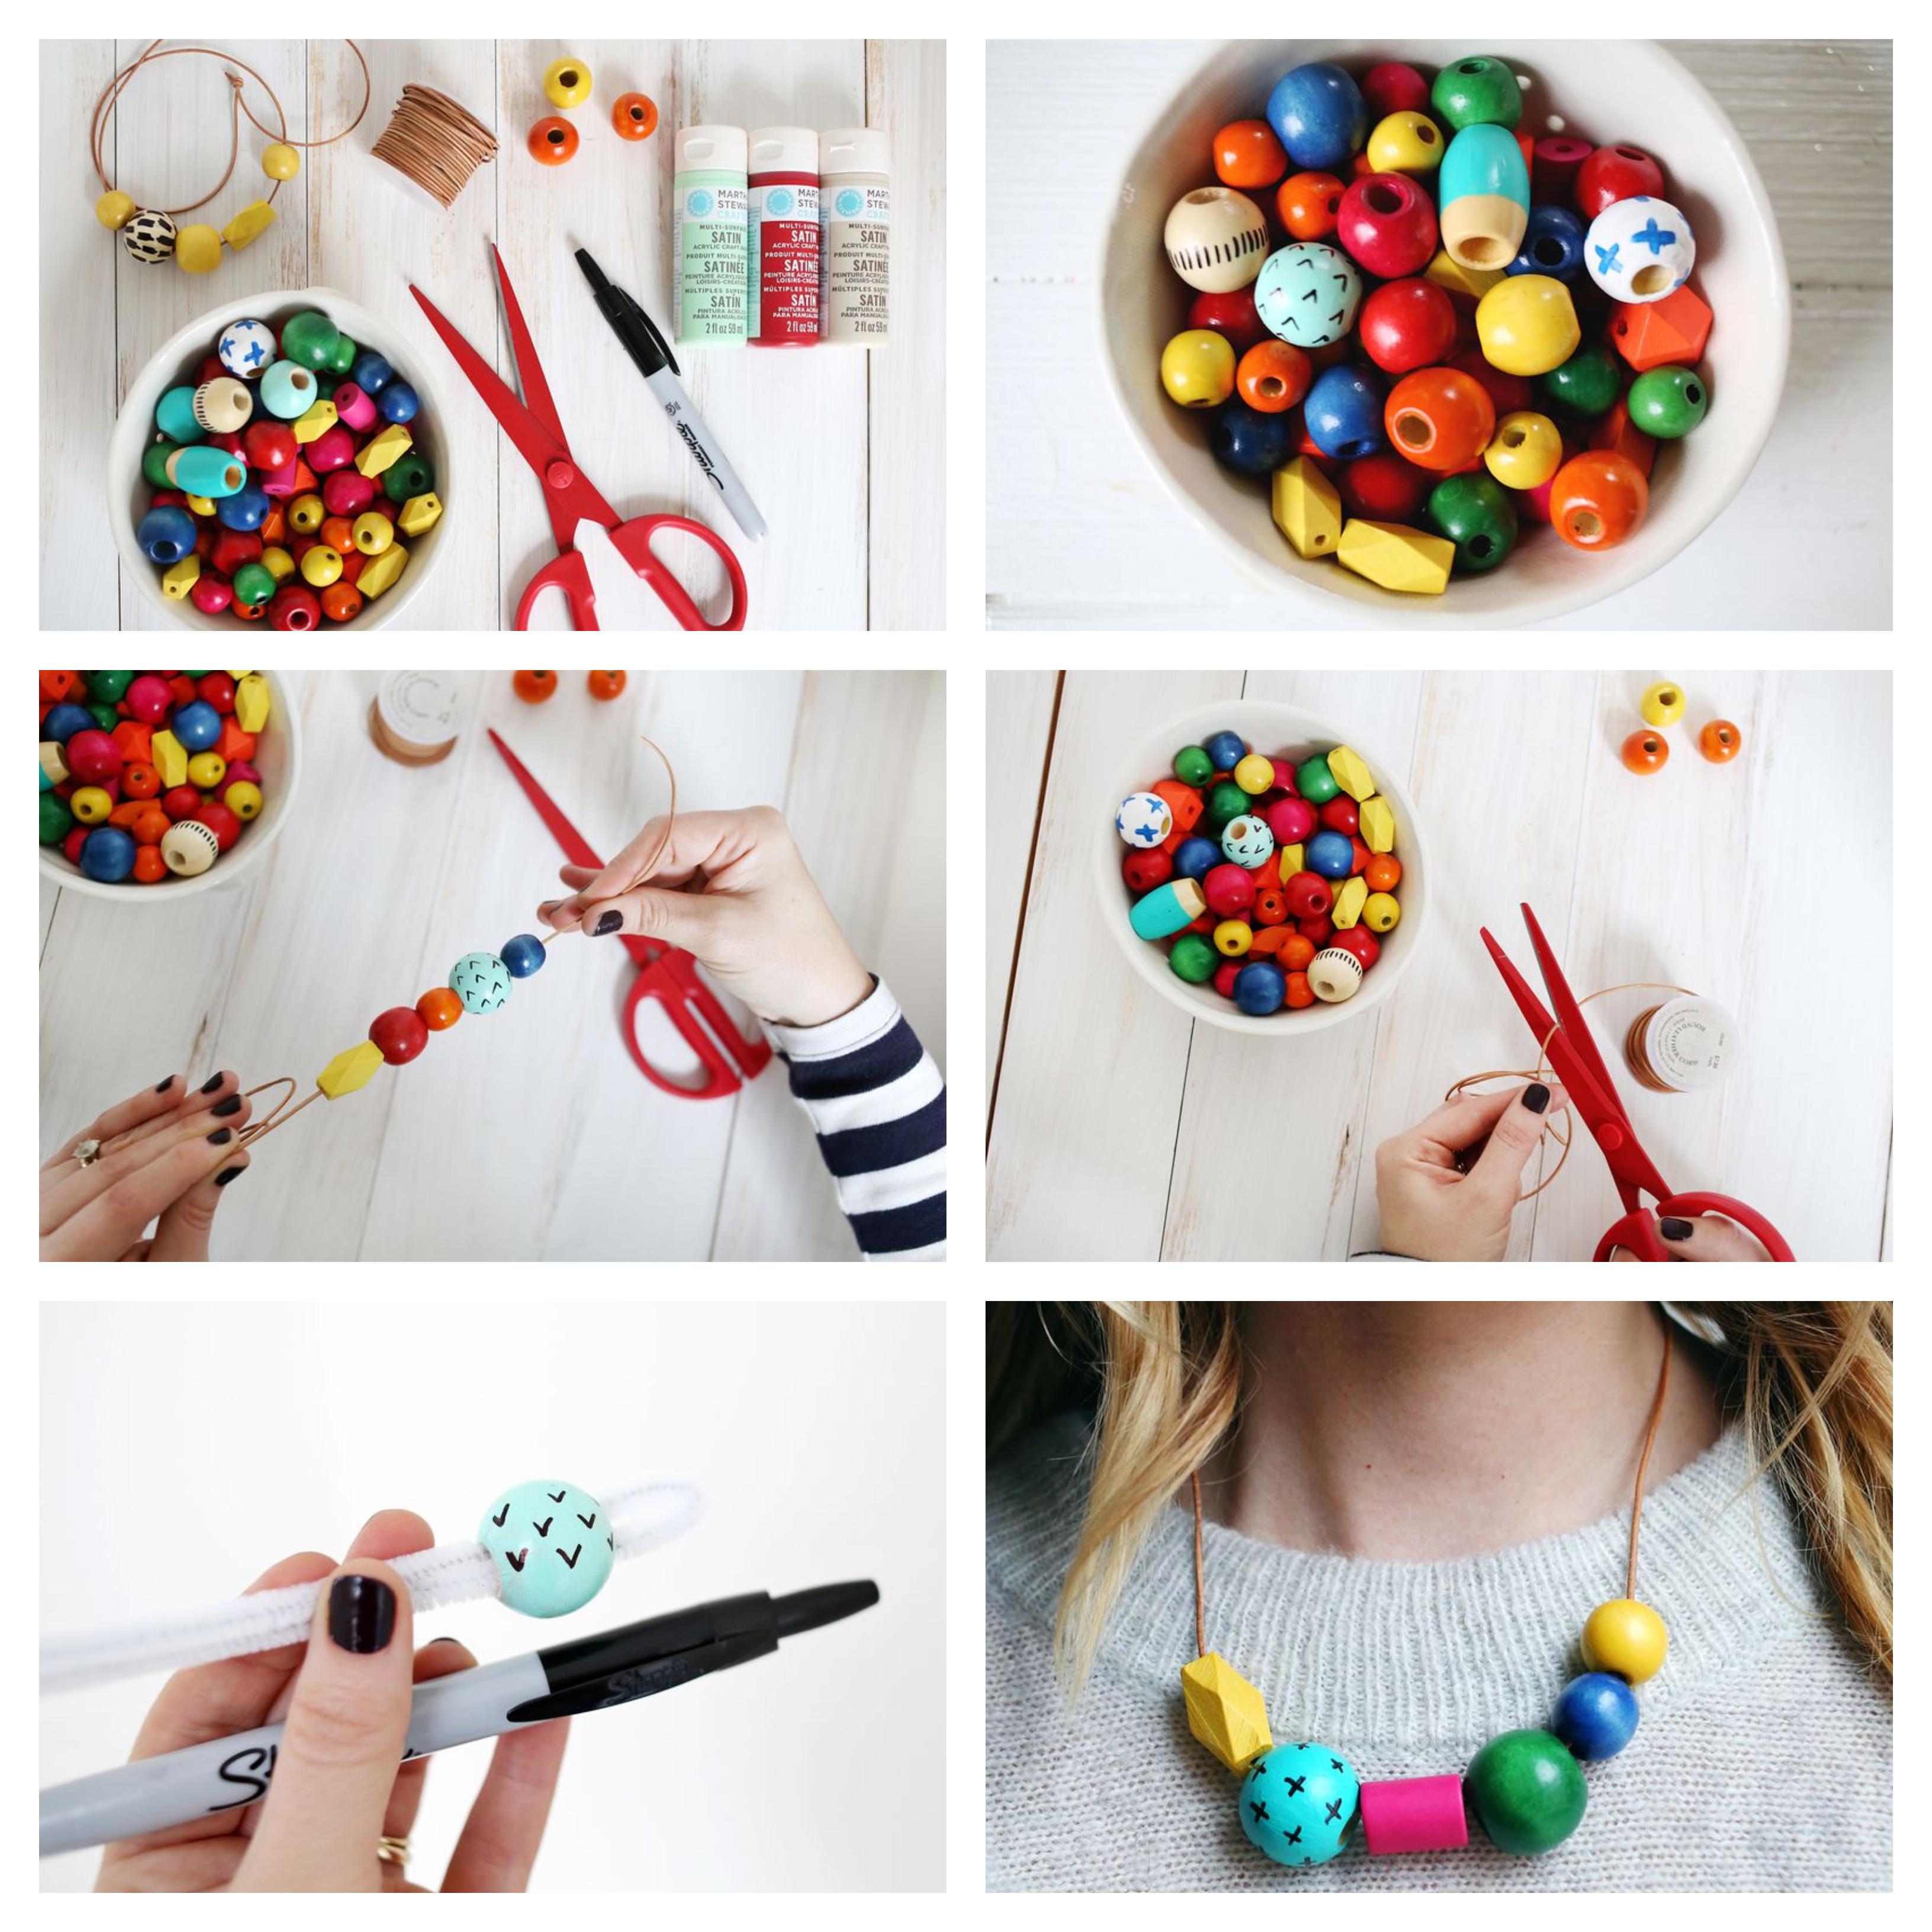 idée de collier personnalisé de perles décoratives en bois colorées sur un fil, idee cadeau maitresse fait main et cadeau fete des meres a faire soi meme